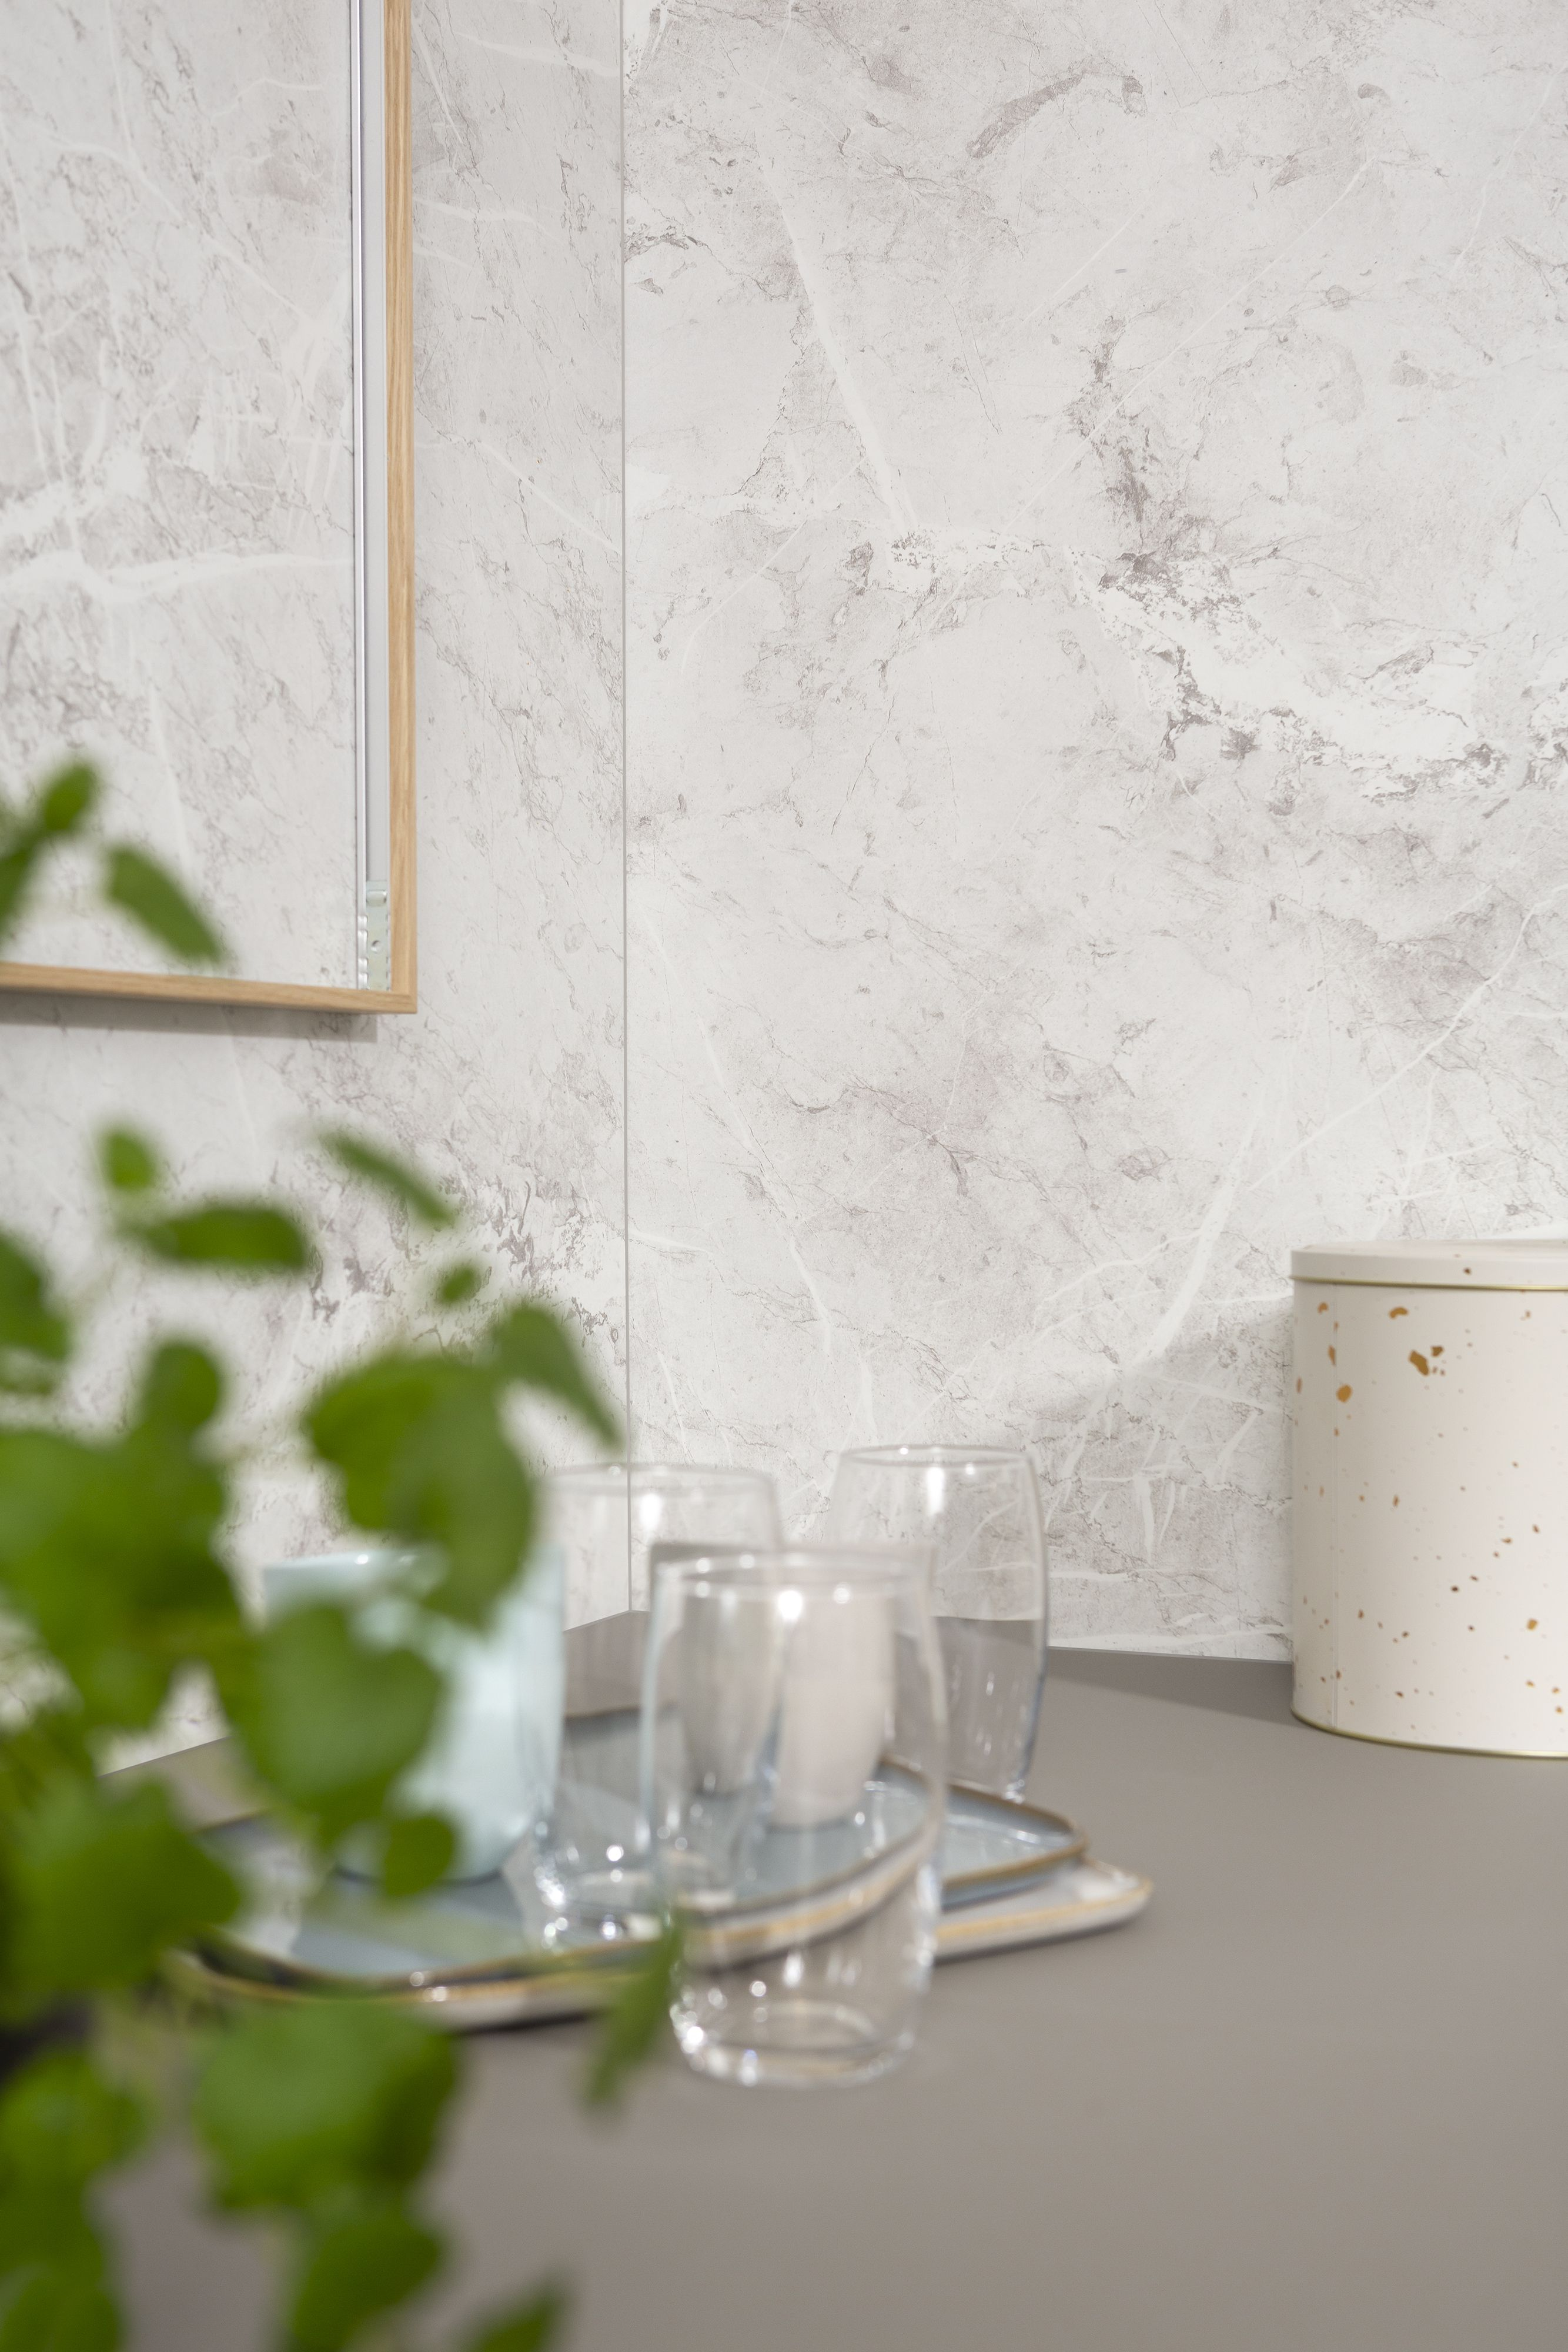 Fibo Wall Panel White Marble Kjokkenplater Design Paneler Decorative paneling for bathrooms